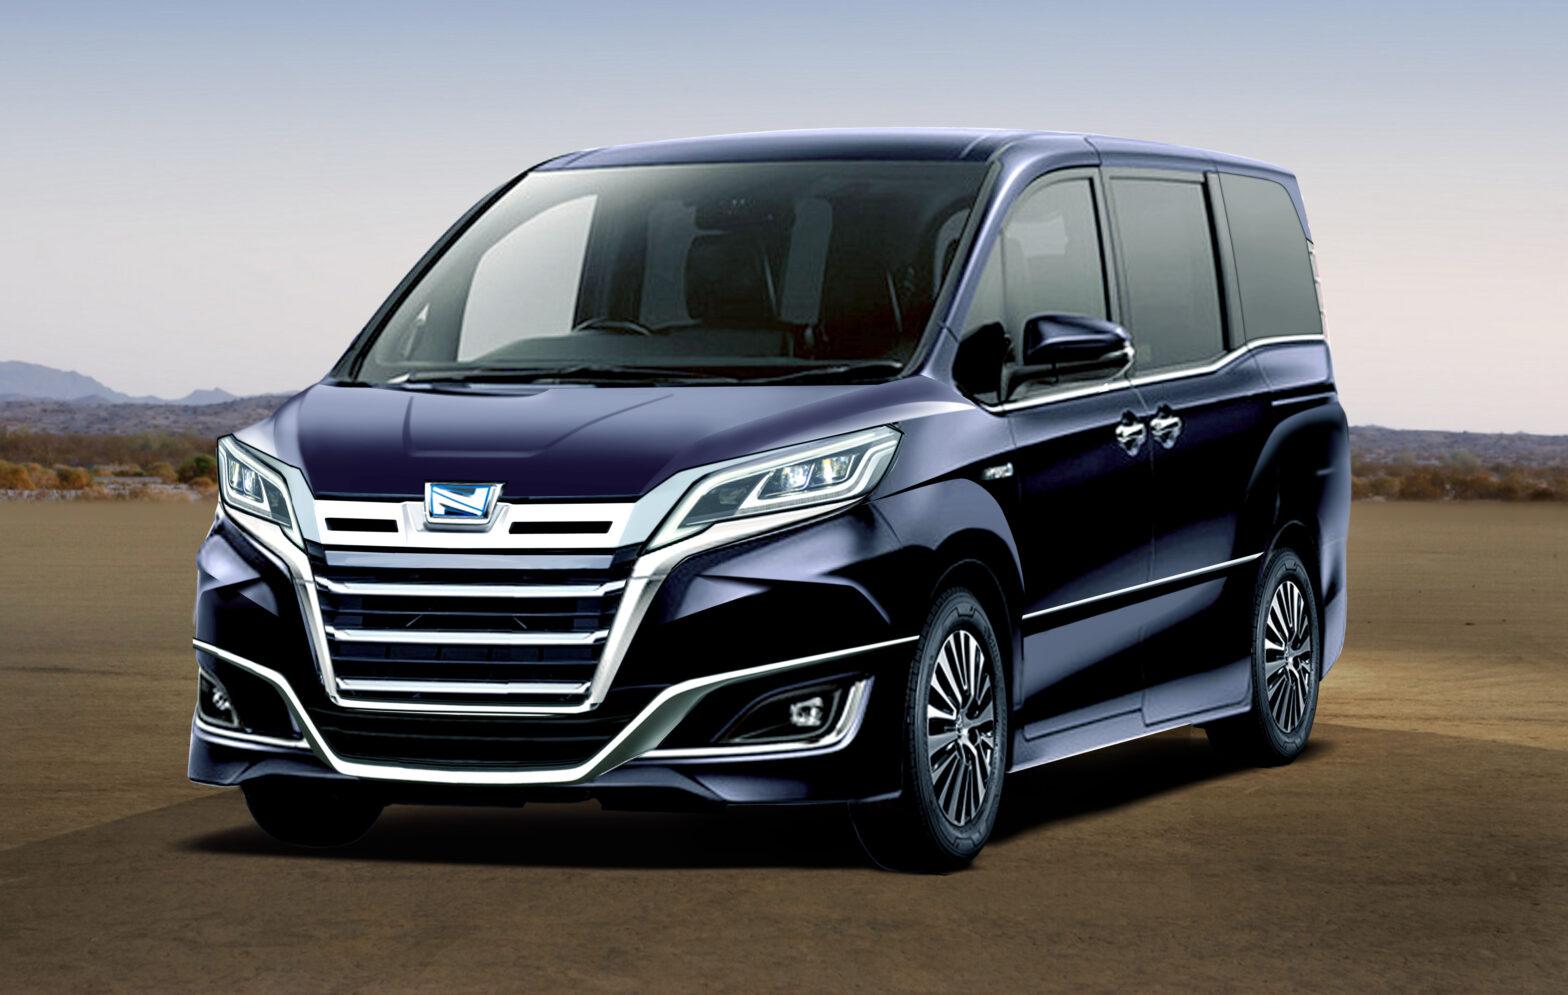 【トヨタ ノア/ヴォクシー新型リーク情報】2022年春にフルモデルチェンジ?エスクァイアは廃止か